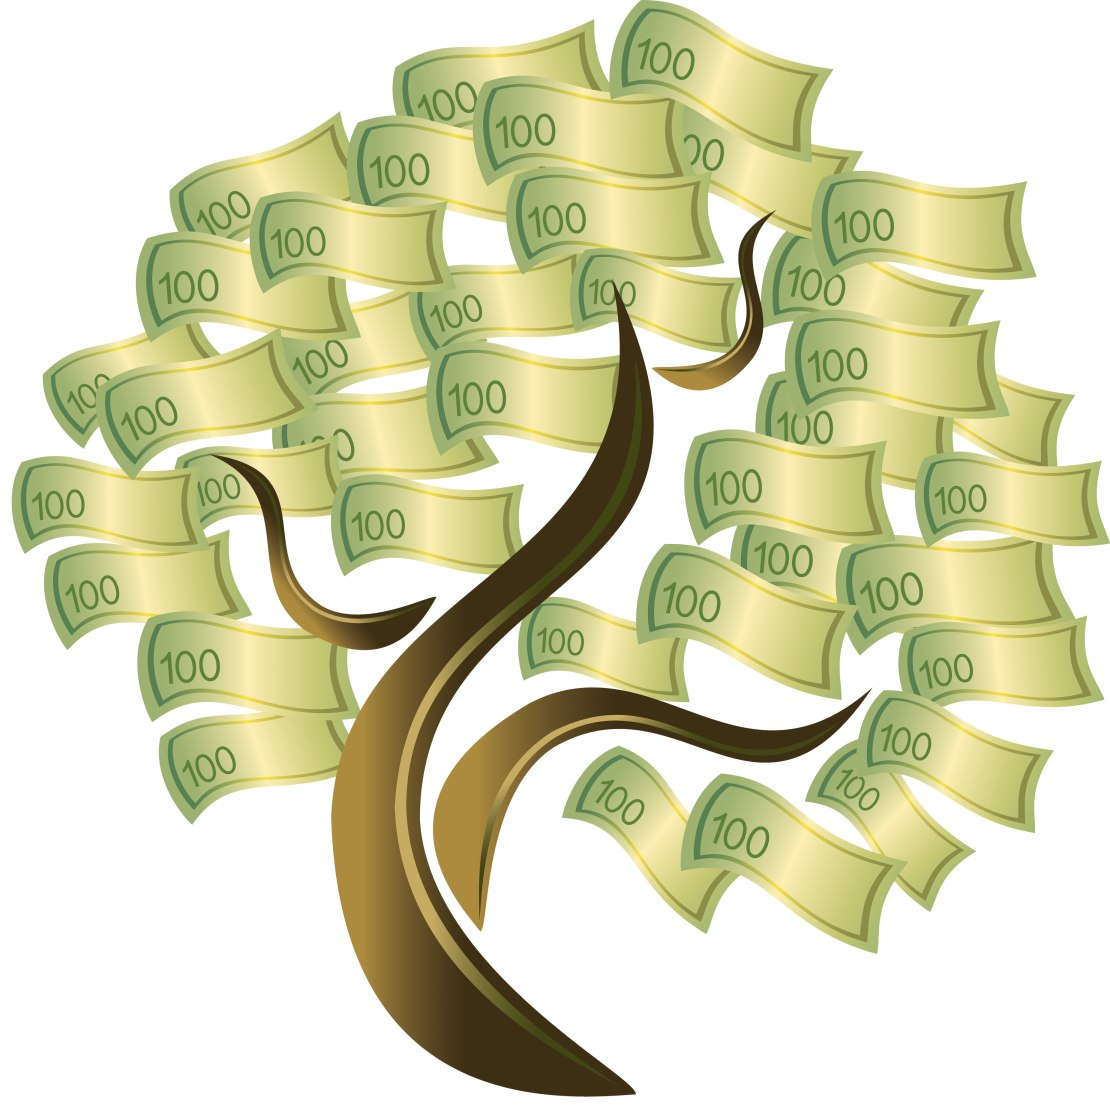 Денежное дерево. Любую понравившуюся картинку можно разбить в определенных программах для вышивки.